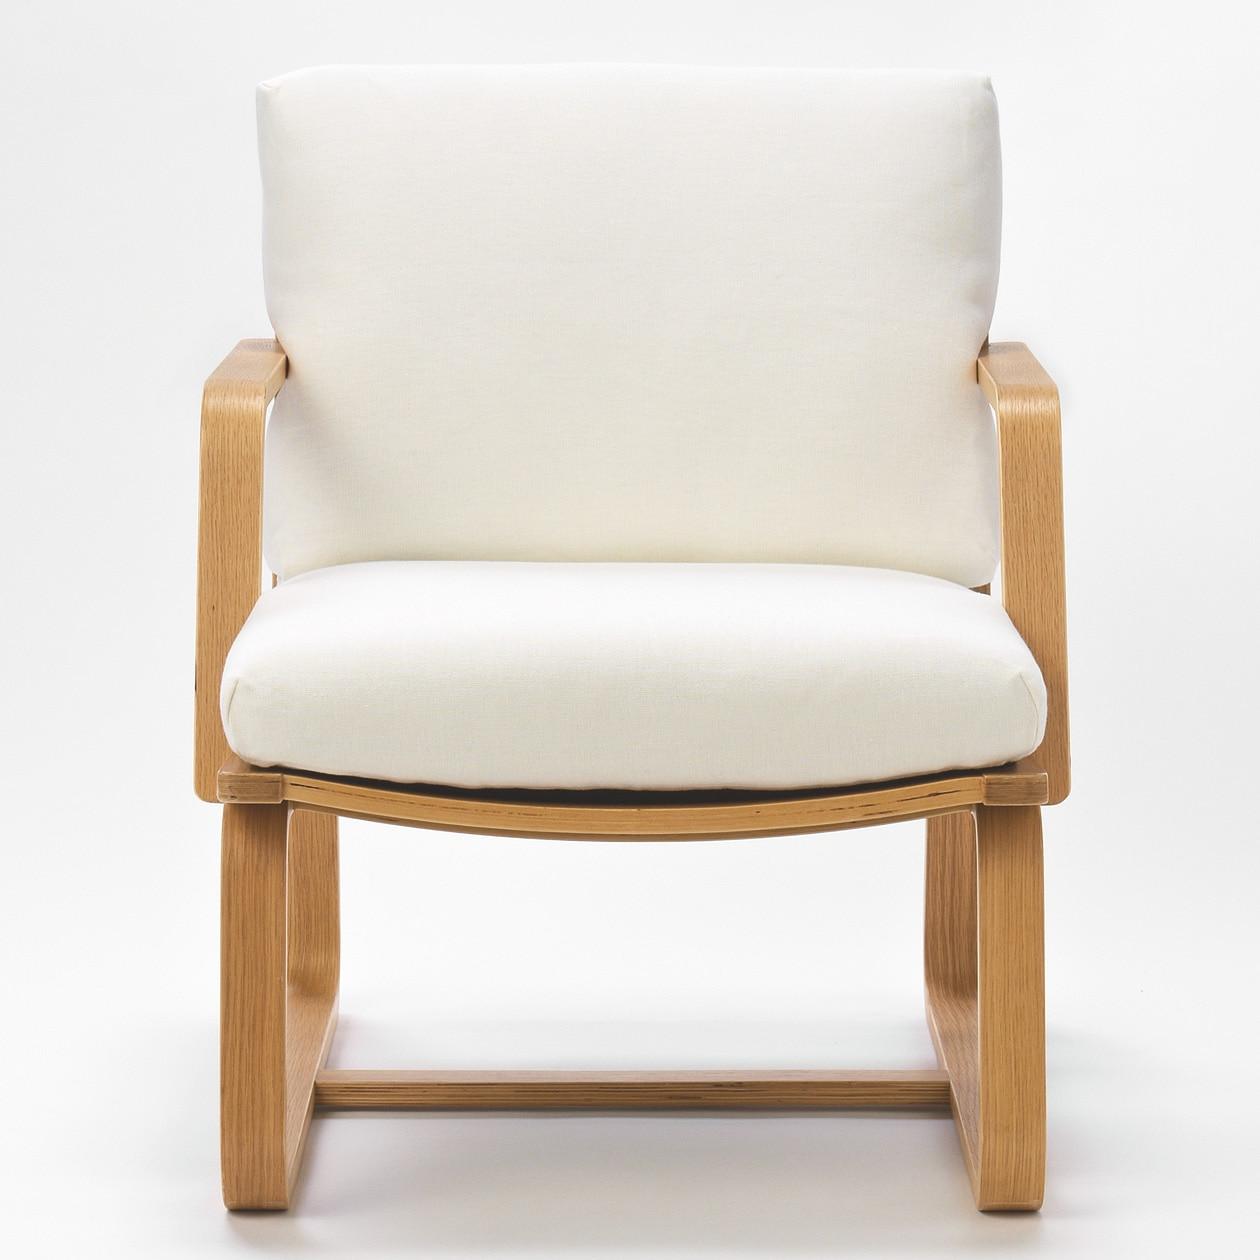 oak kitchen chairs stainless steel cabinets 橡木兩用座椅扶手 無印良品muji 橡木厨房椅